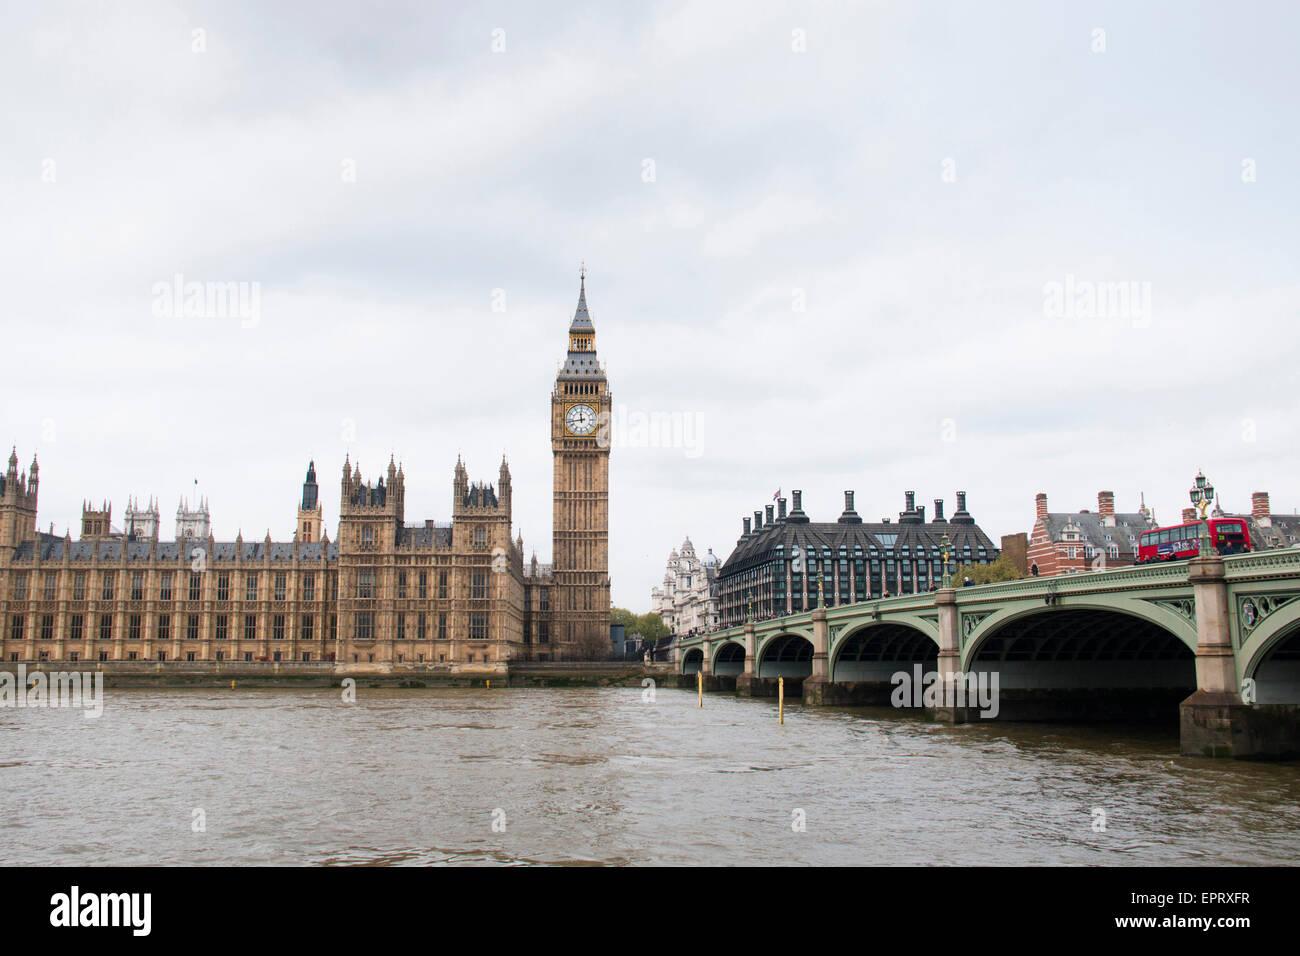 Las casas del parlamento con el Big Ben la torre y el puente de Westminster en Londres, Reino Unido Foto de stock